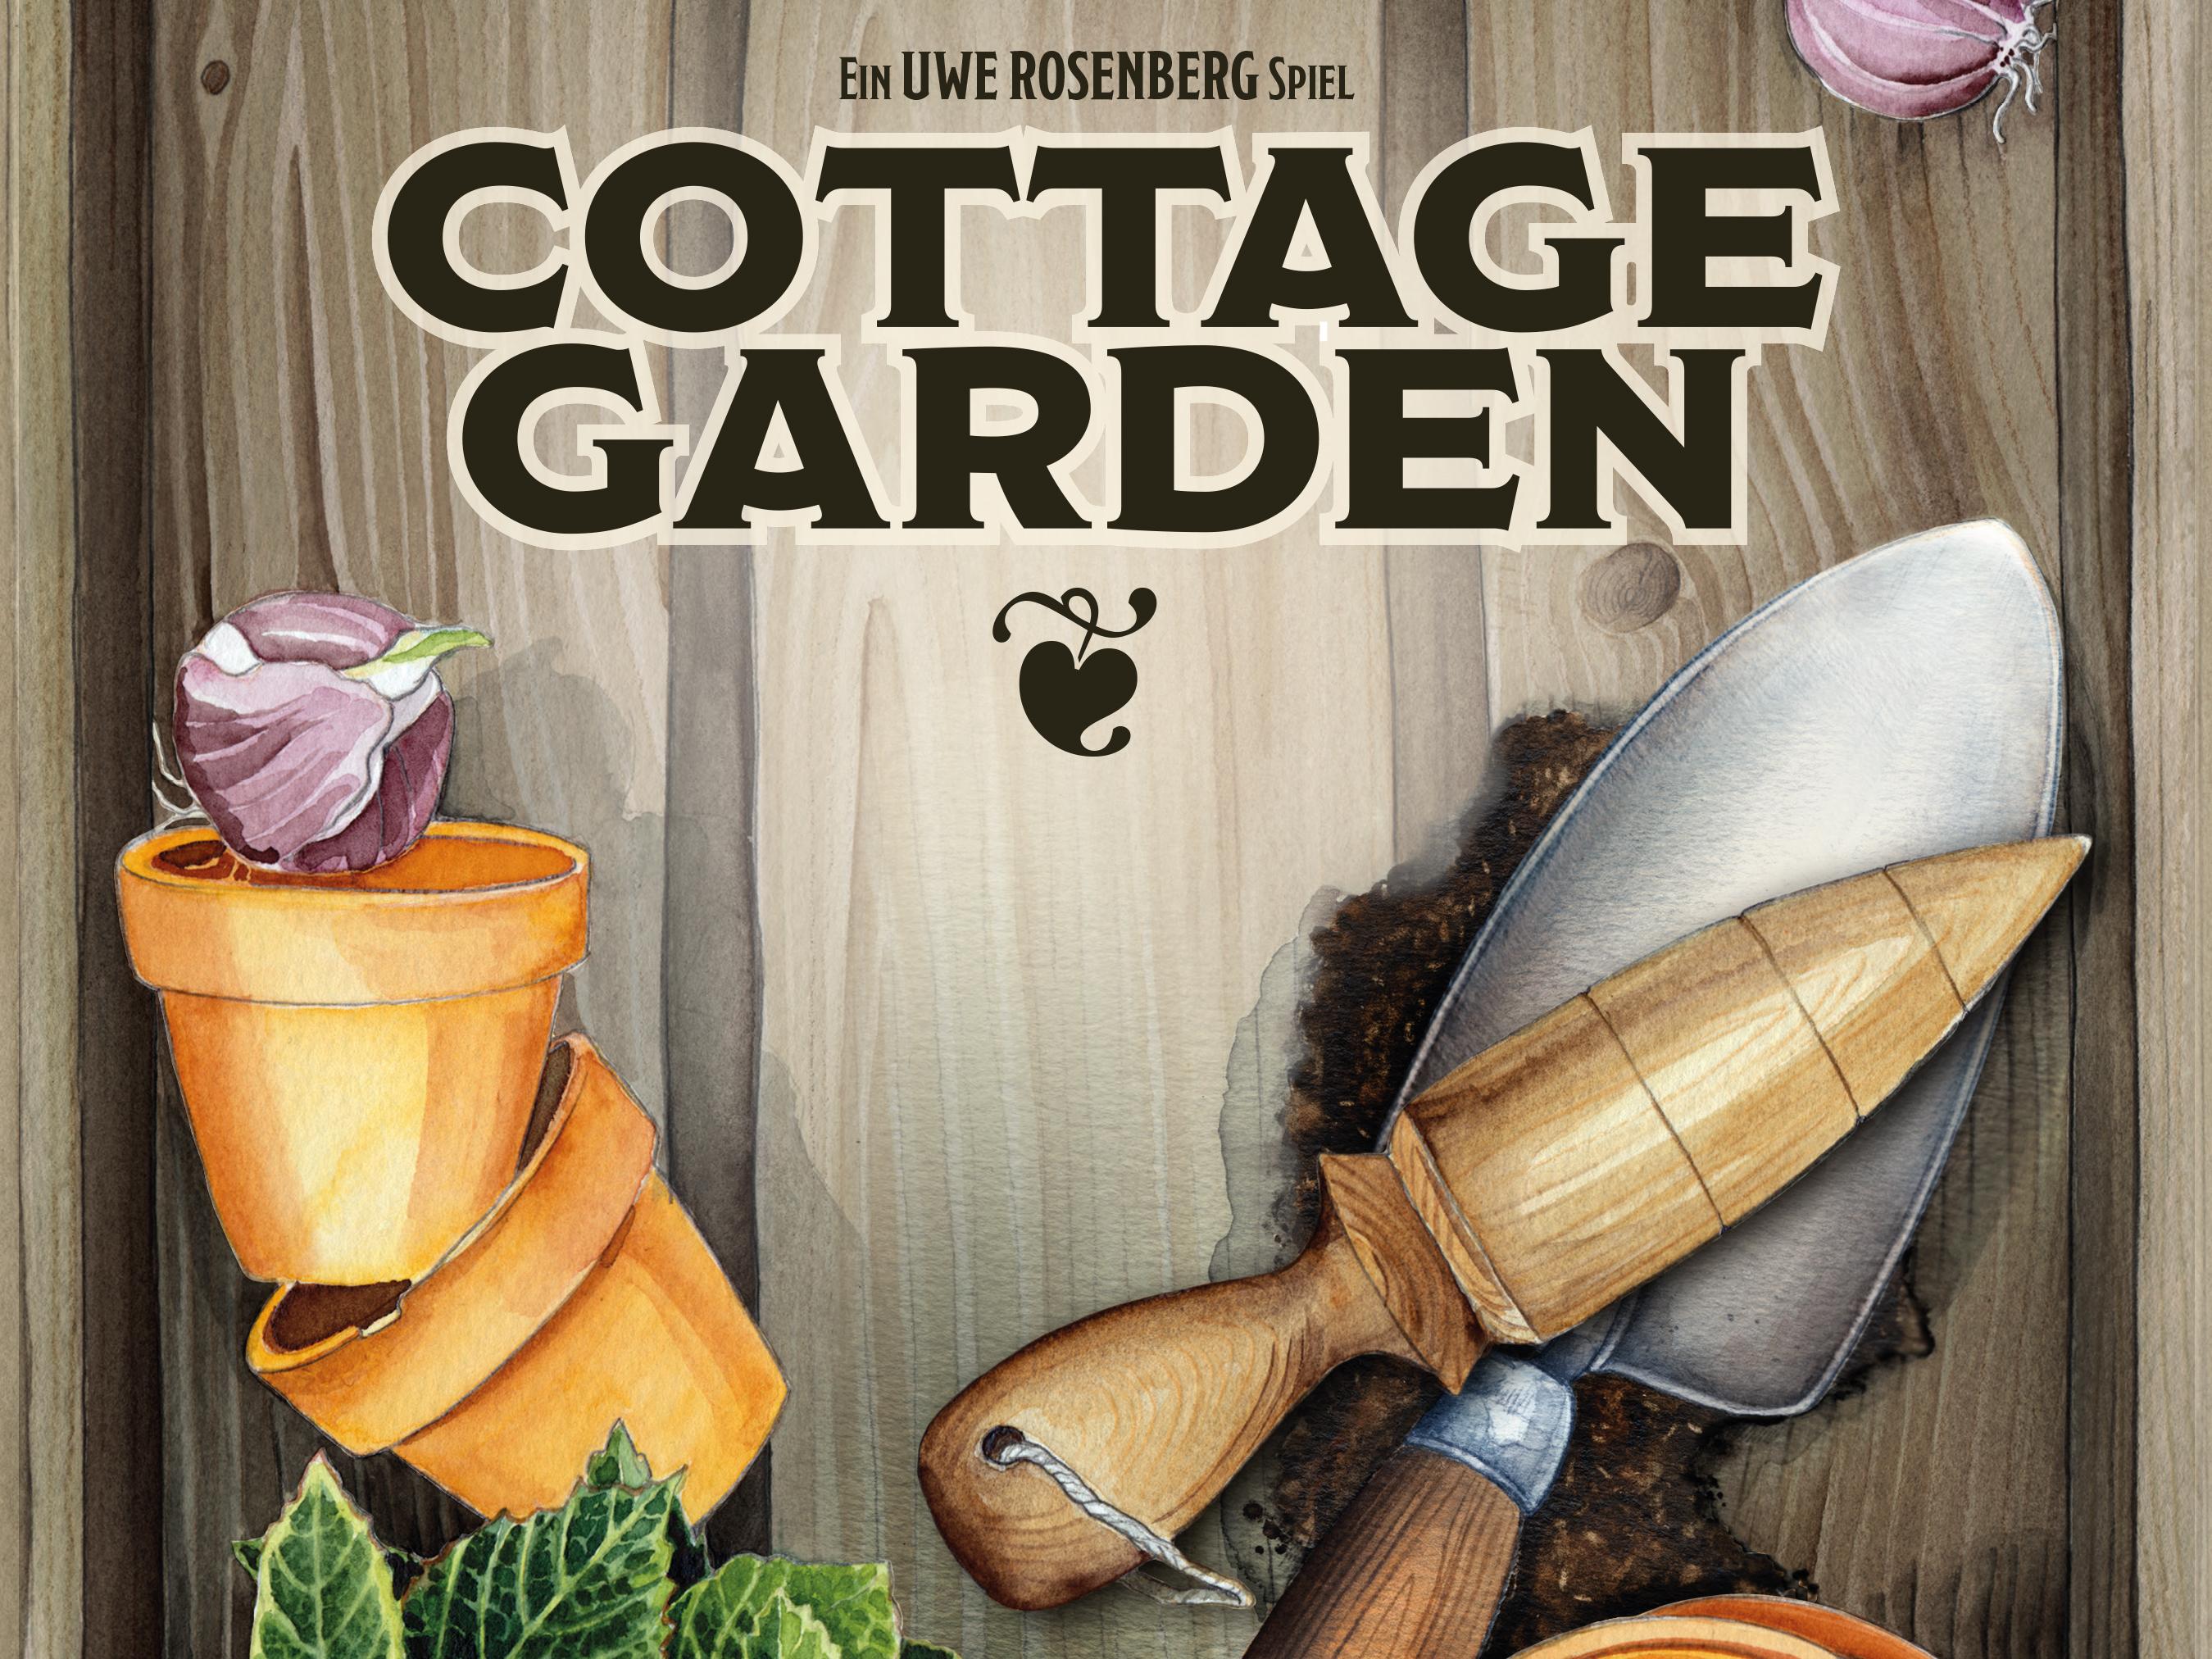 cottage garden spiel anleitung und bewertung auf alle brettspiele bei. Black Bedroom Furniture Sets. Home Design Ideas